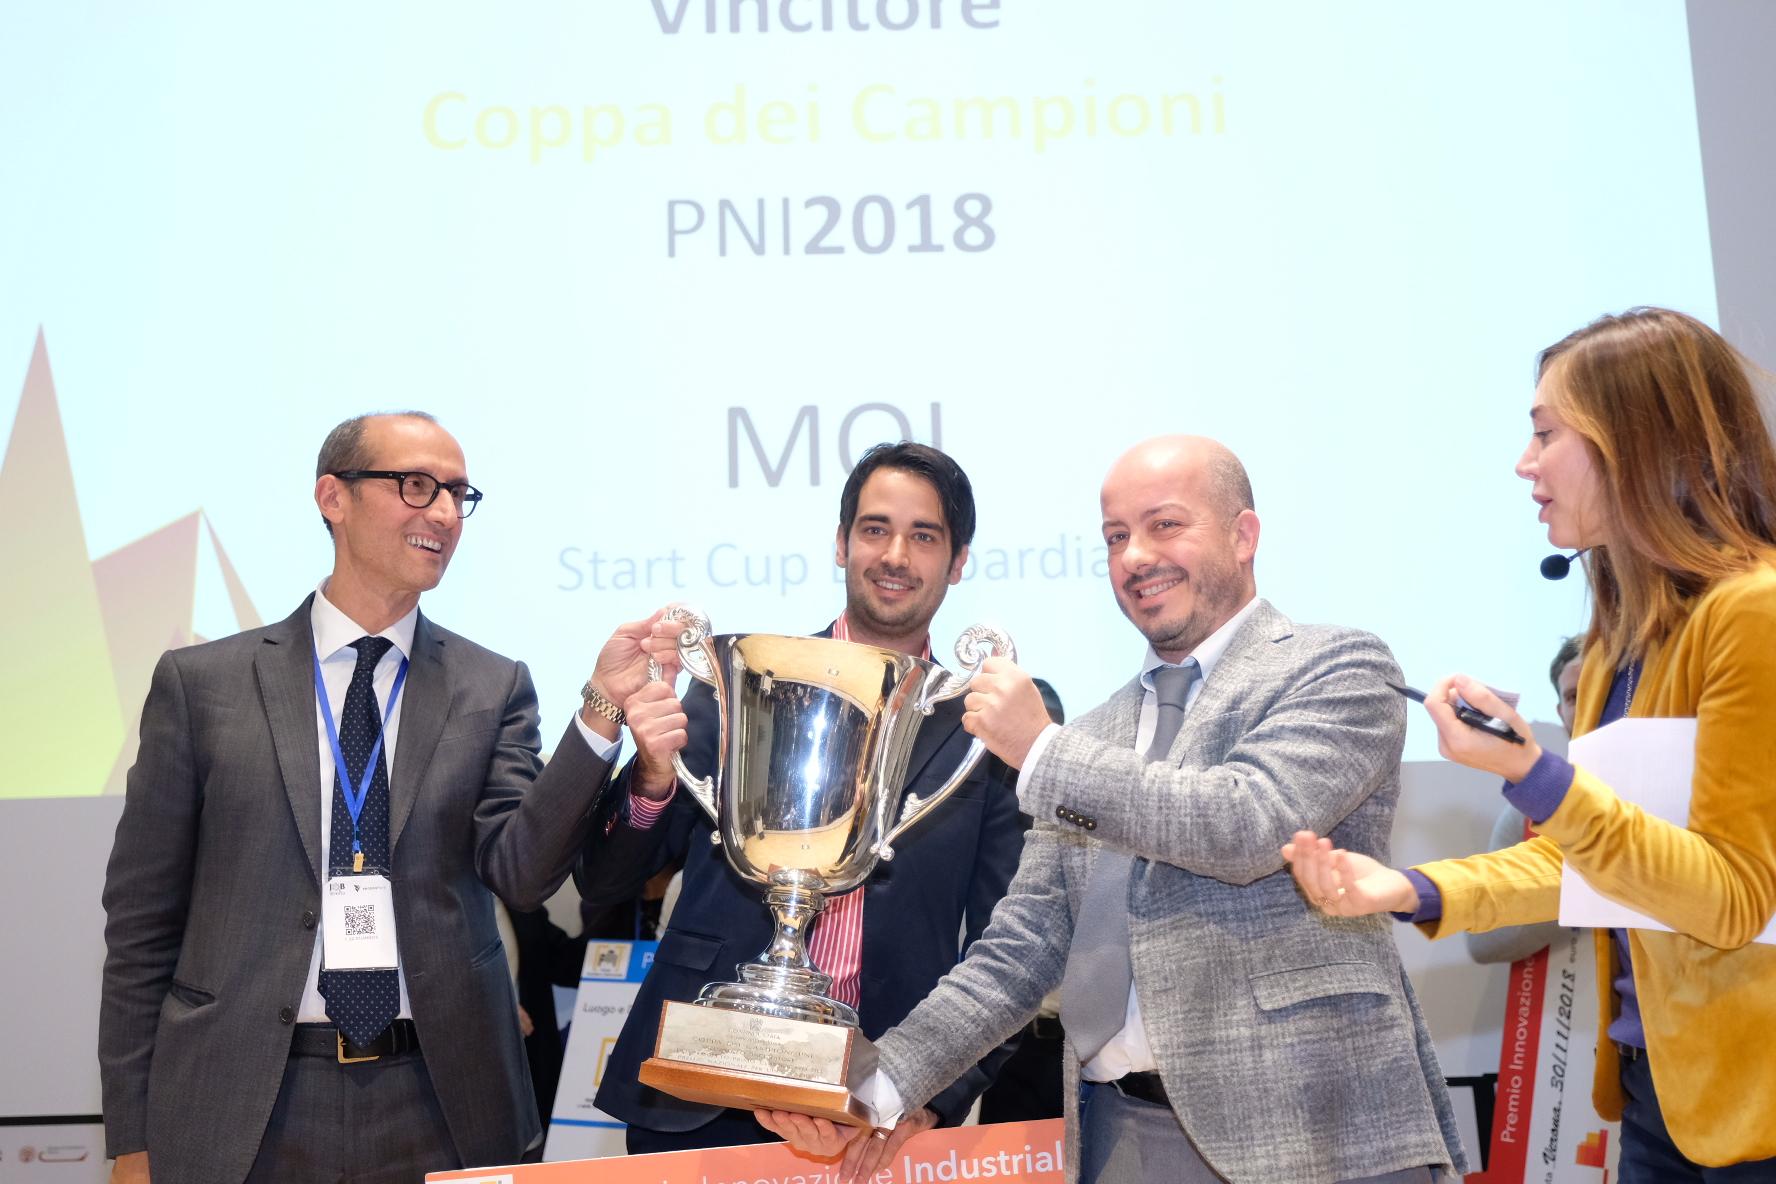 Moi vince PNI2018.JPG